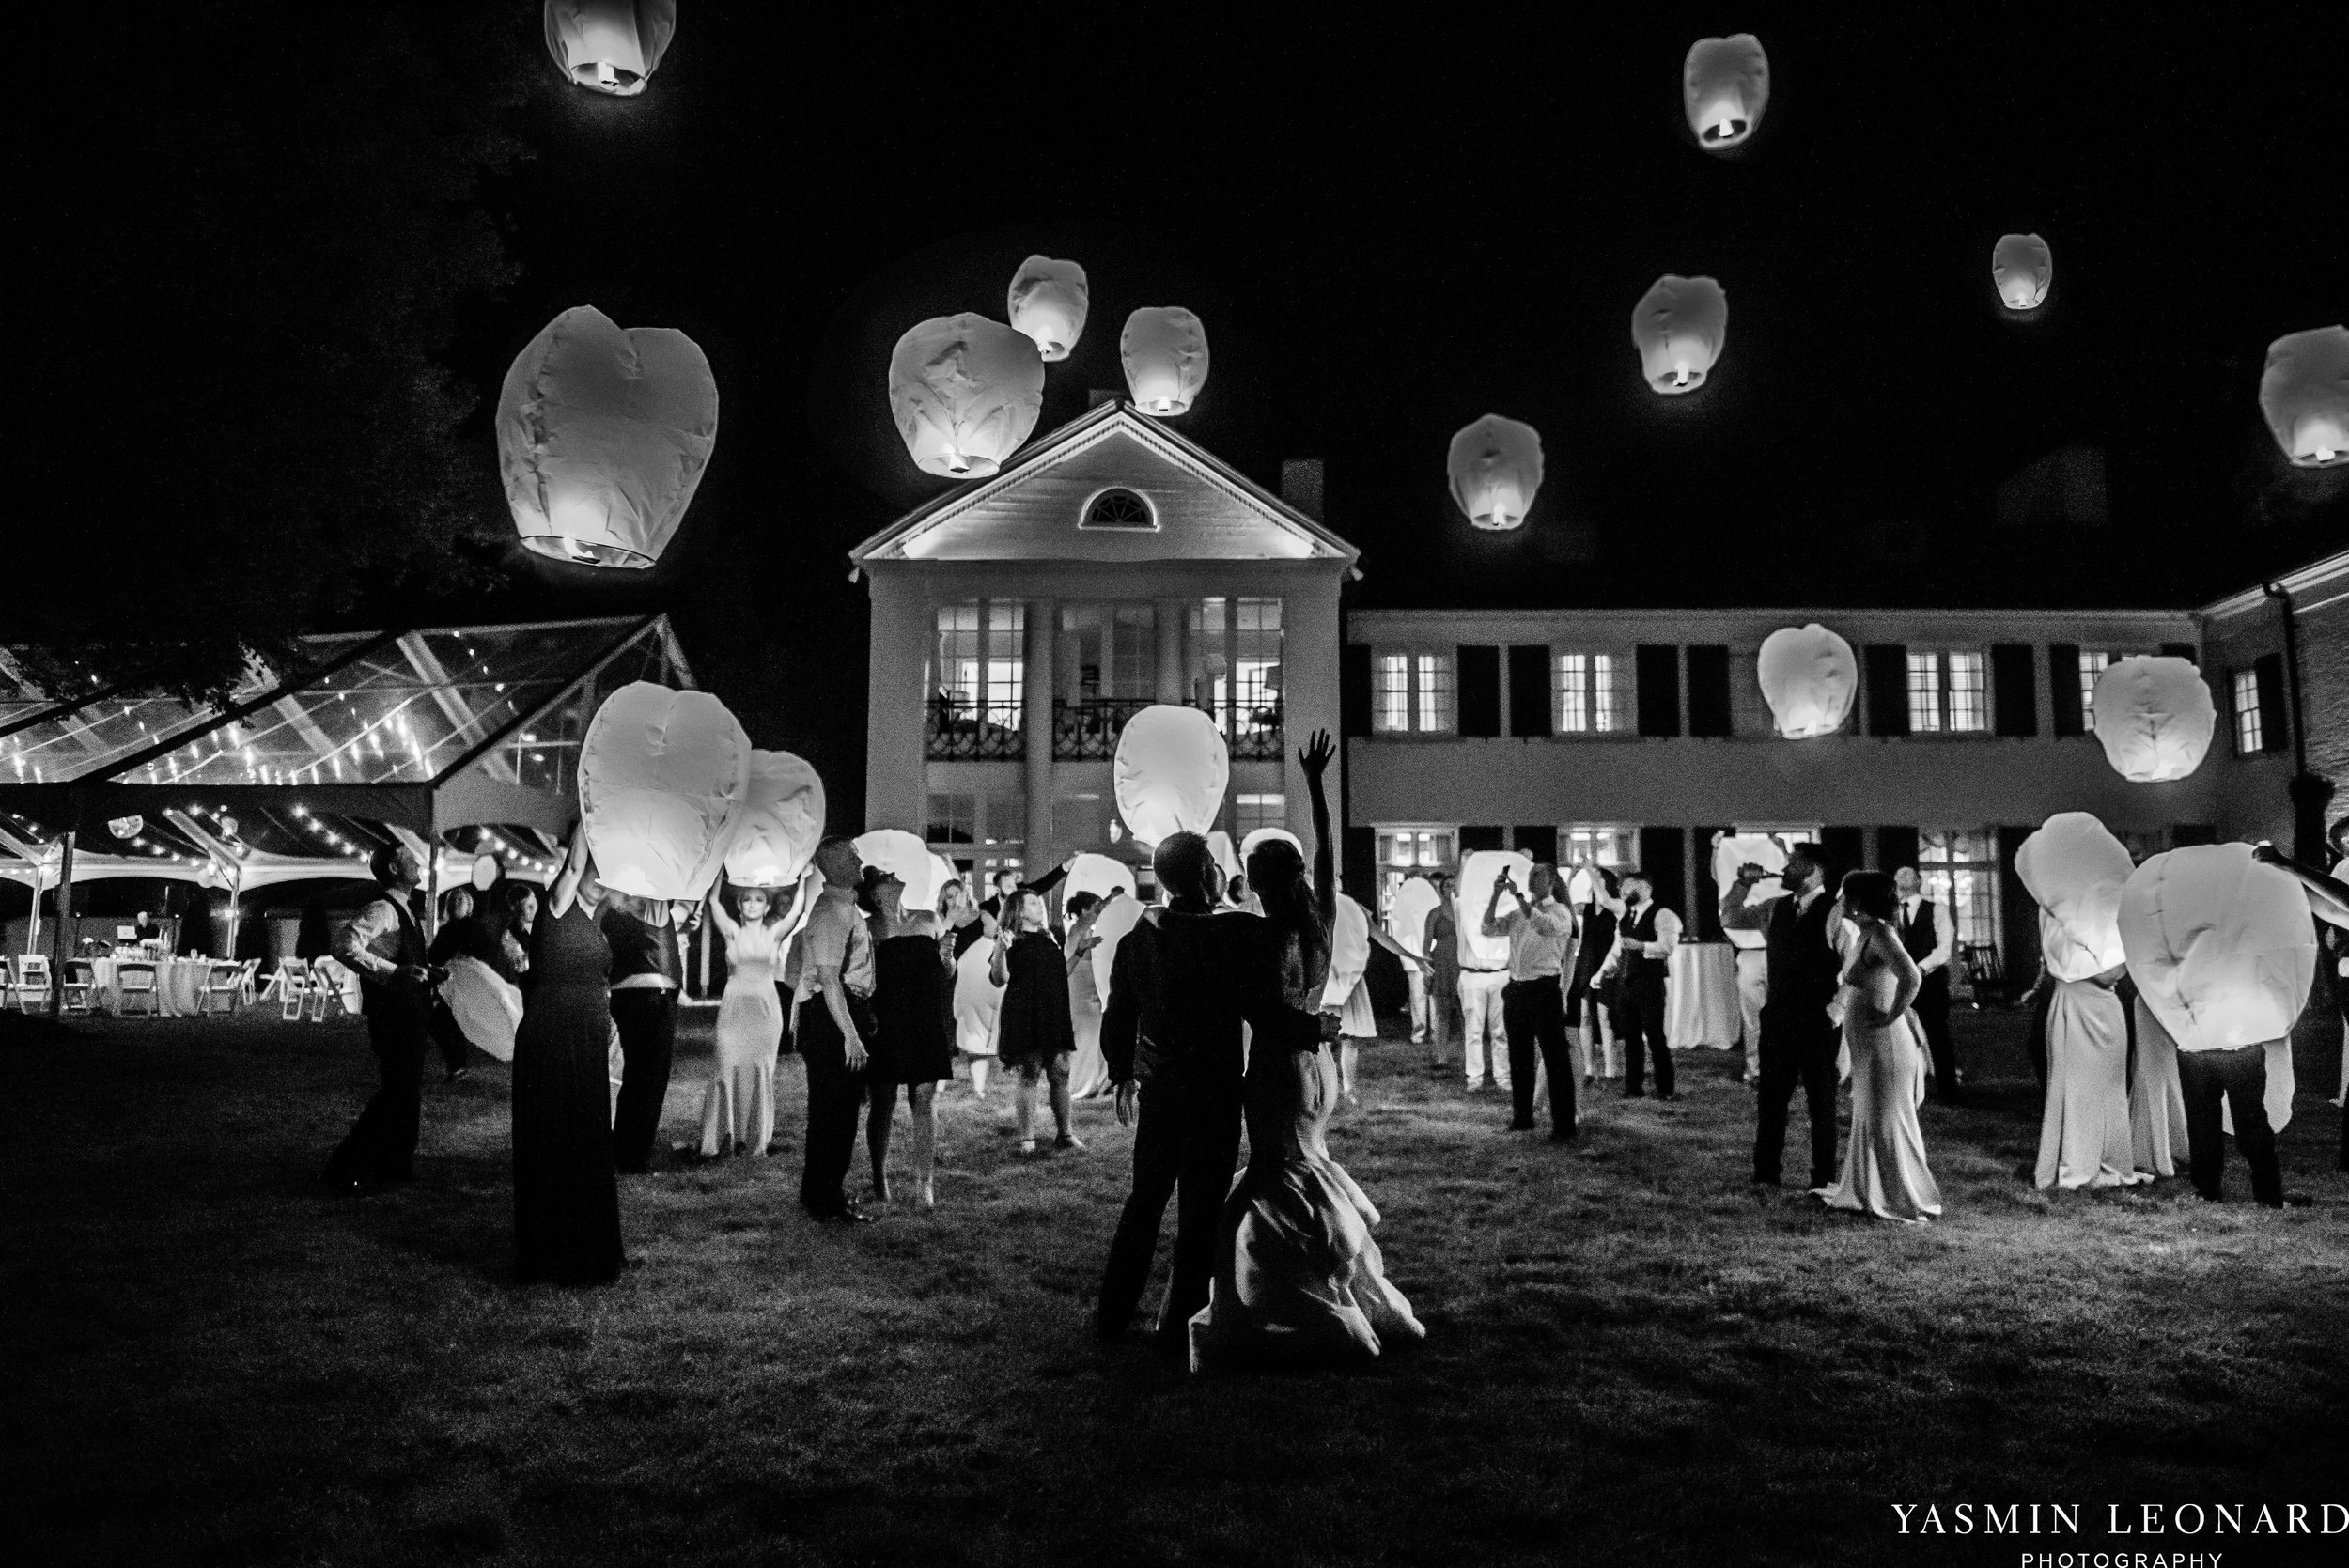 Boxwood Estate - Boxwood Estate Wedding - Luxury Wedding - Black and White Wedding - NC Wedding Venues - NC Weddings - NC Photographer - Lantern Release Grand Exit - Large Wedding Party - Yasmin Leonard Photography-94.jpg